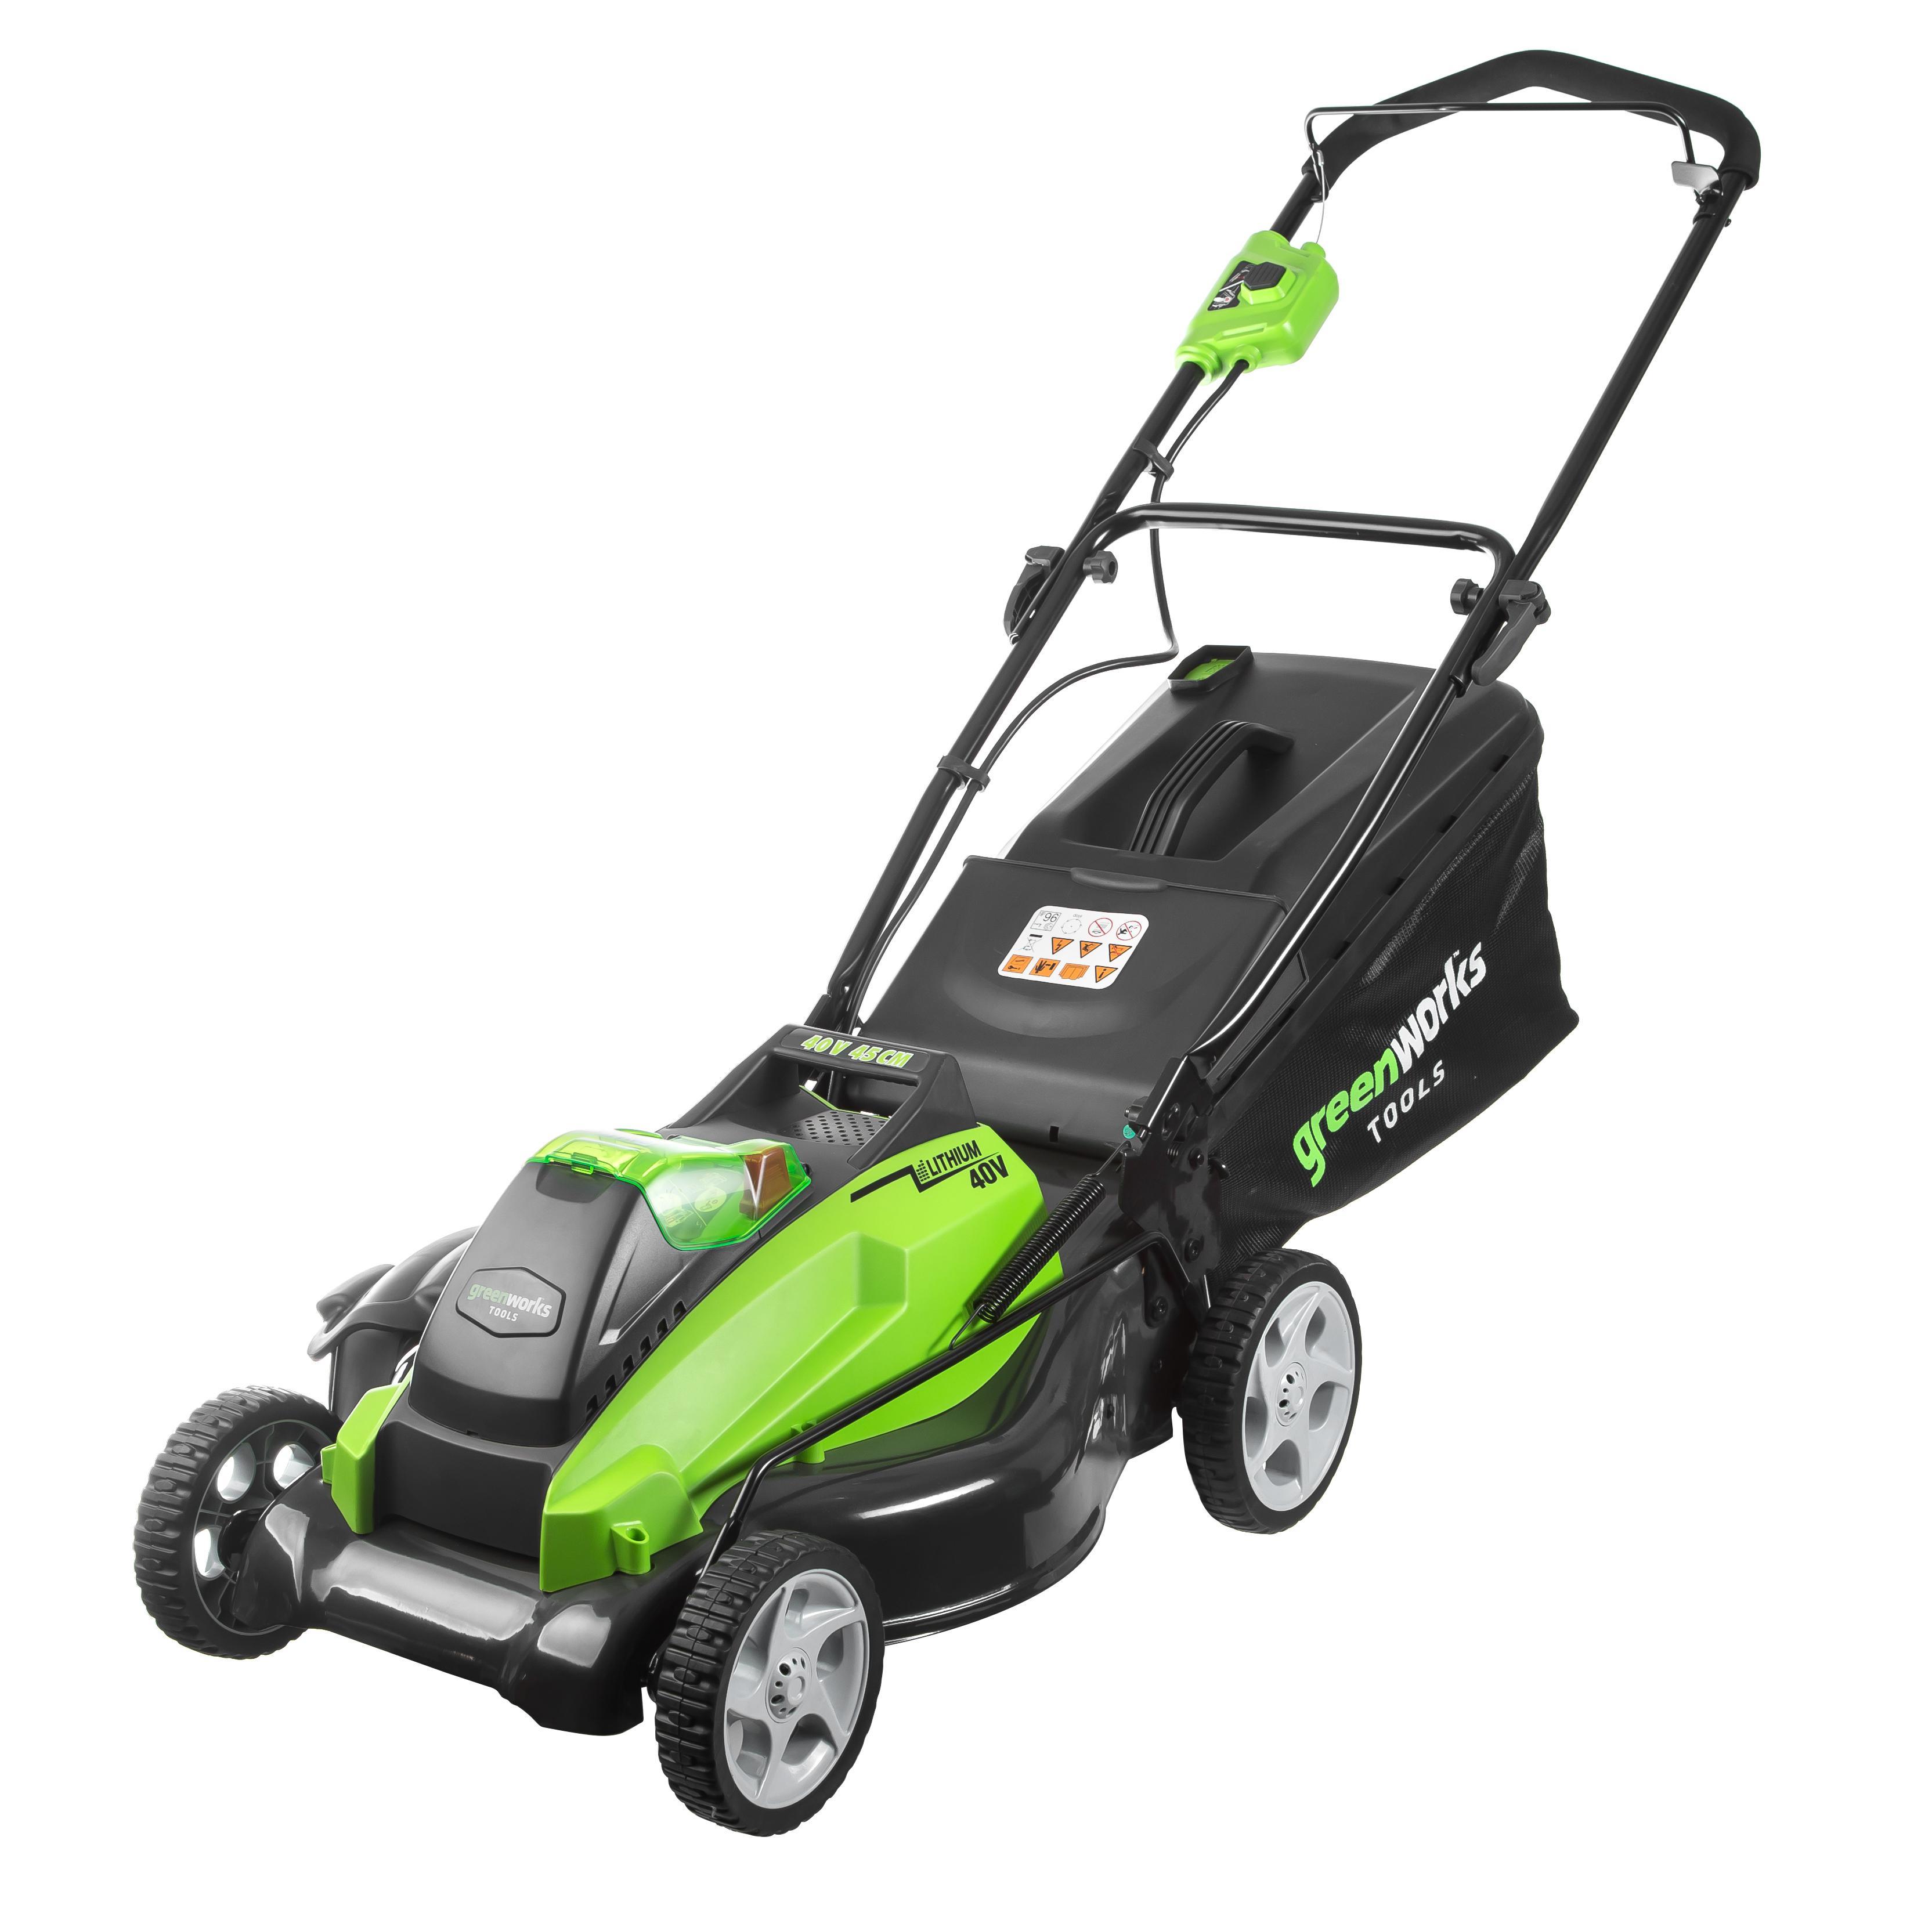 Аккумуляторная газонокосилка Greenworks G40lm45k4 (2500107vb) 1акк 40В 4Ач + ЗУ